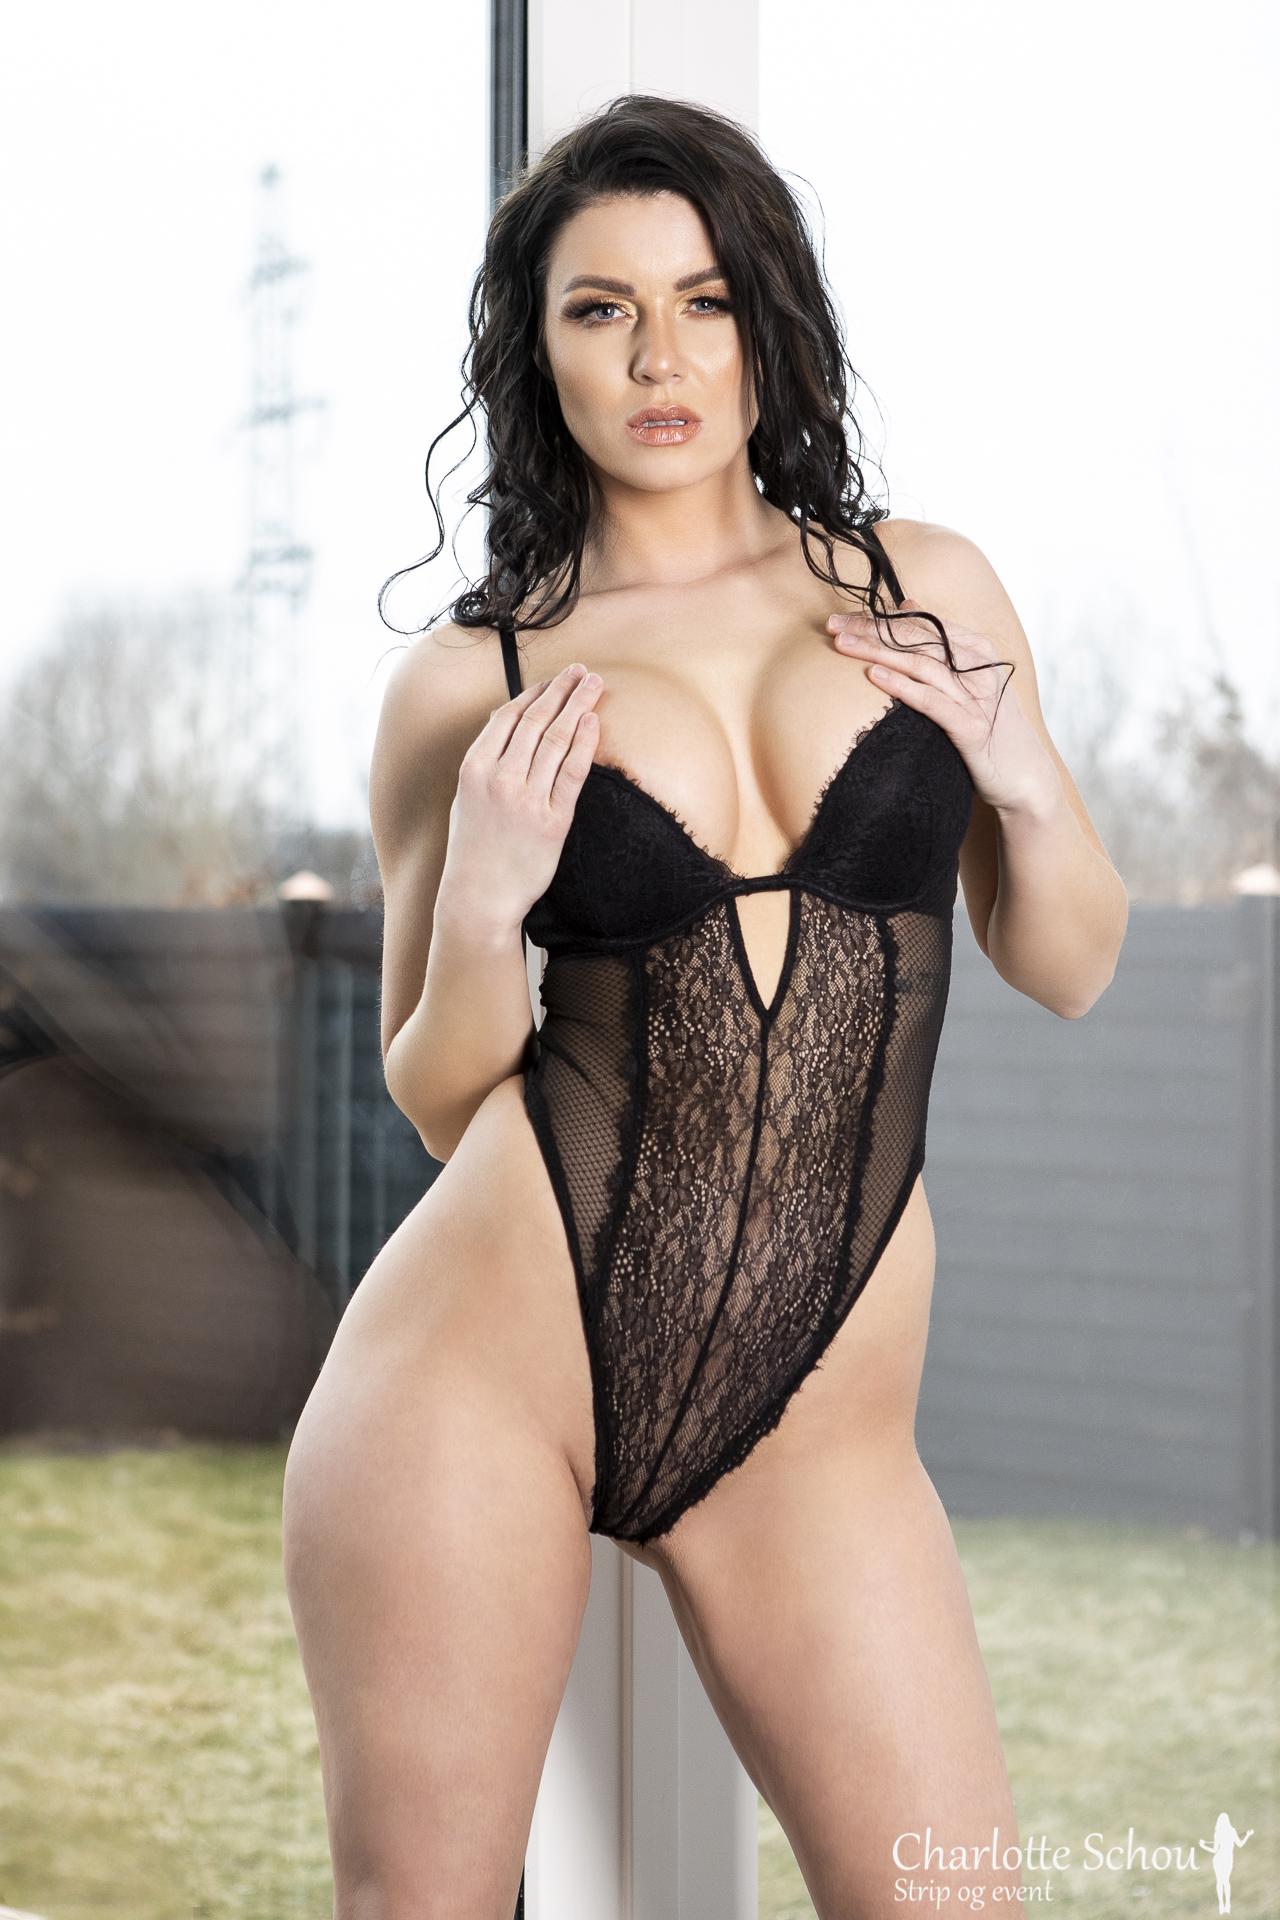 Stripper Megan